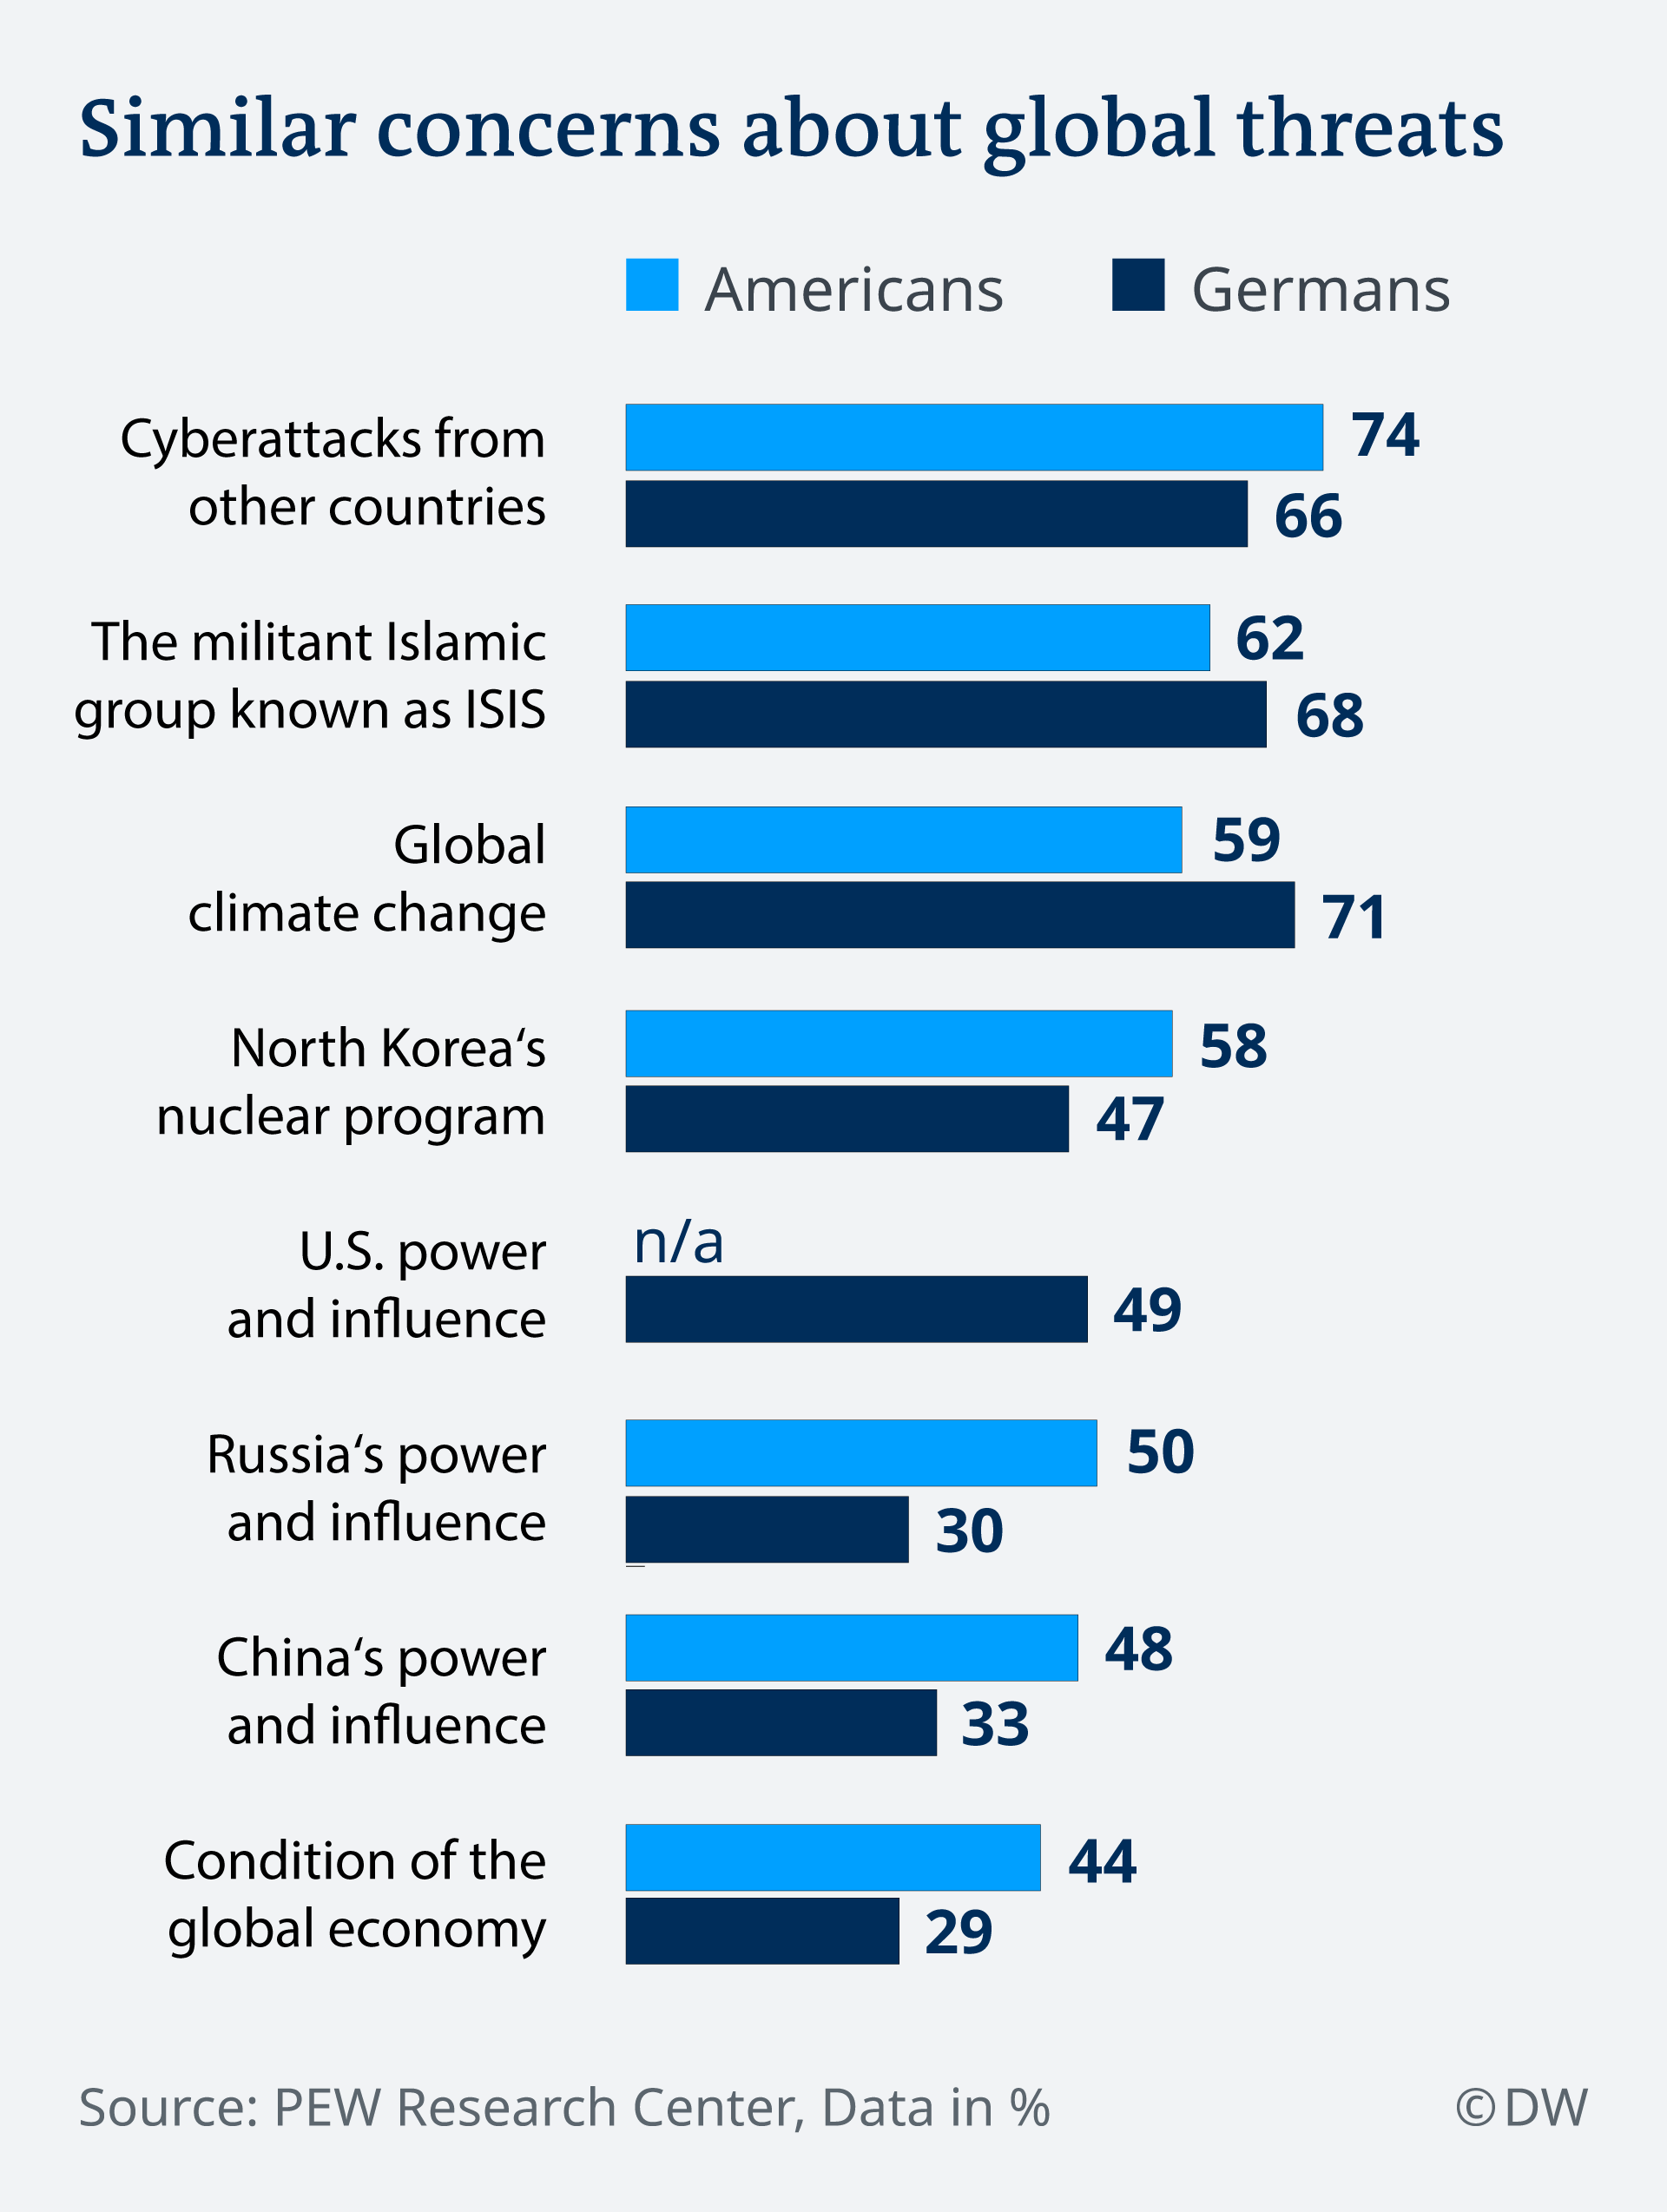 Preocupări similare privind amenințările globale pentru germani și americani